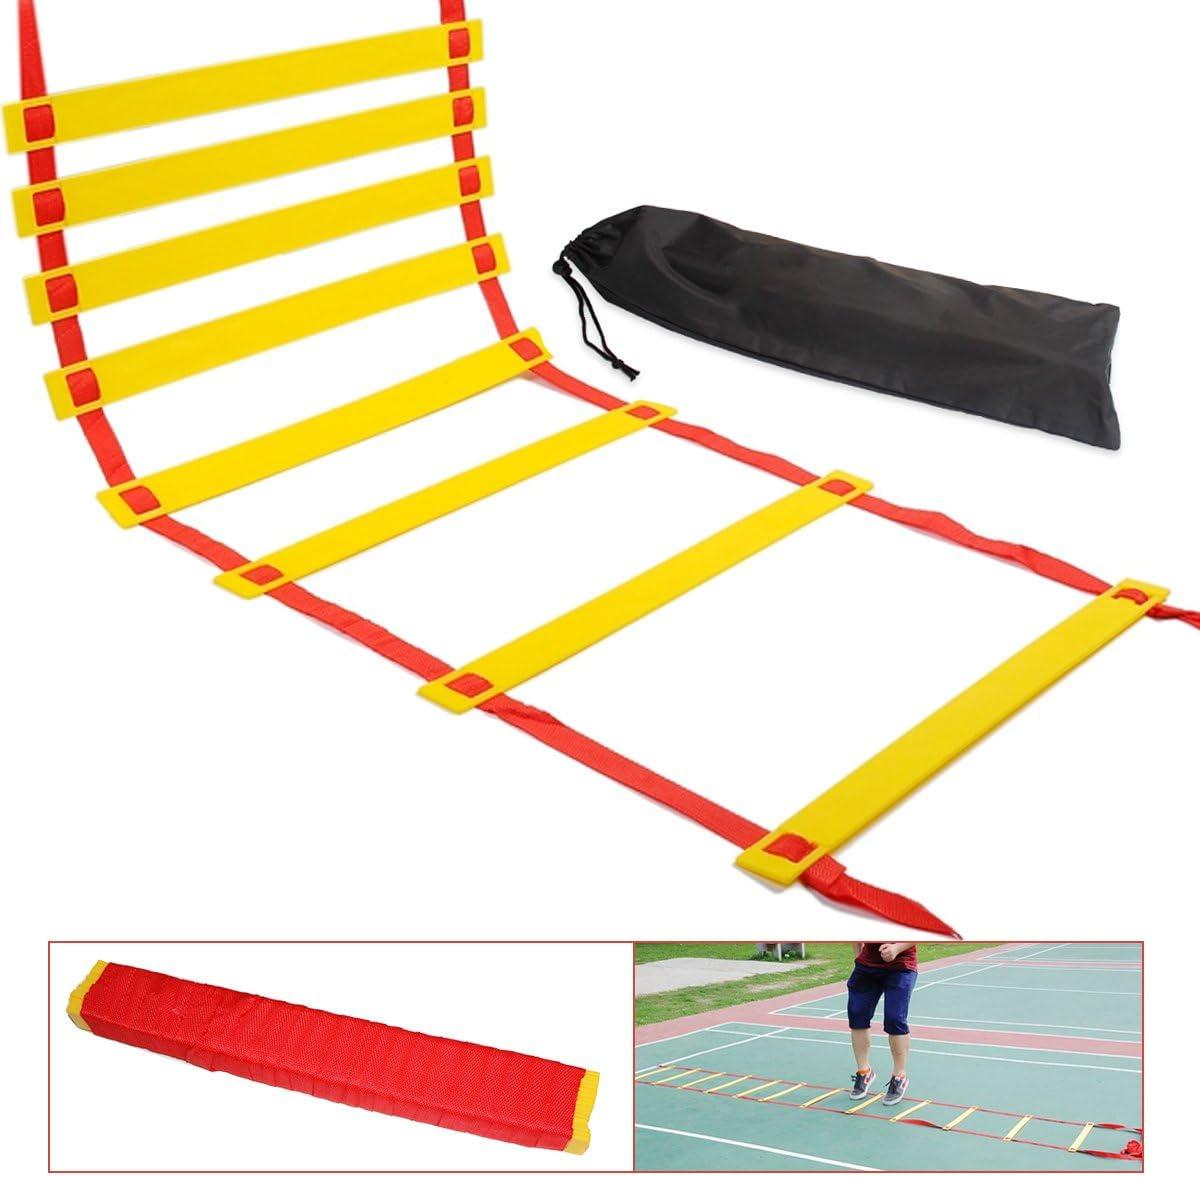 Escalera de agilidad, 10m Escalera de Formación de velocidad, NATUCE Entrenamiento de velocidad Kit de 20 escalones, Bienestar rápida ajustable Piso en entrenamiento de la agilidad y juego de piernas Taladros con